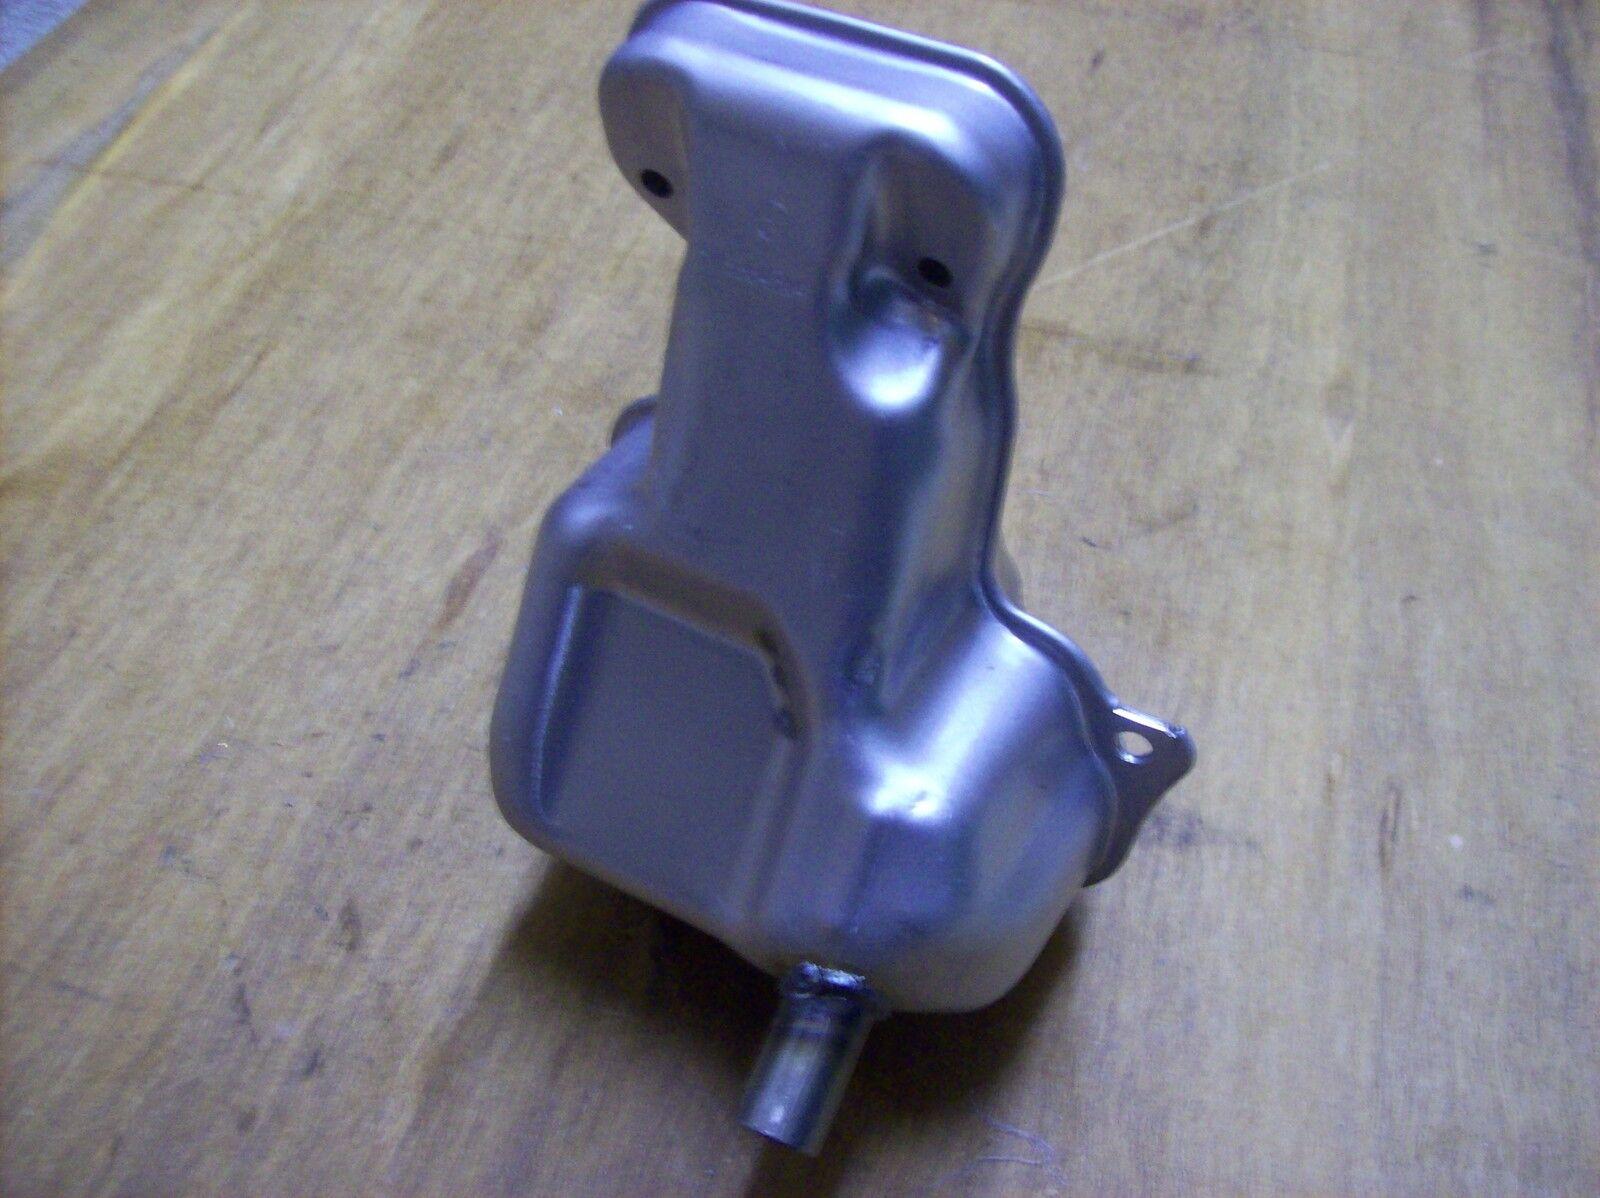 Husqvarna K750 / K760 Muffler Assy - Partner K750 Muffler Fits K760 Cnb